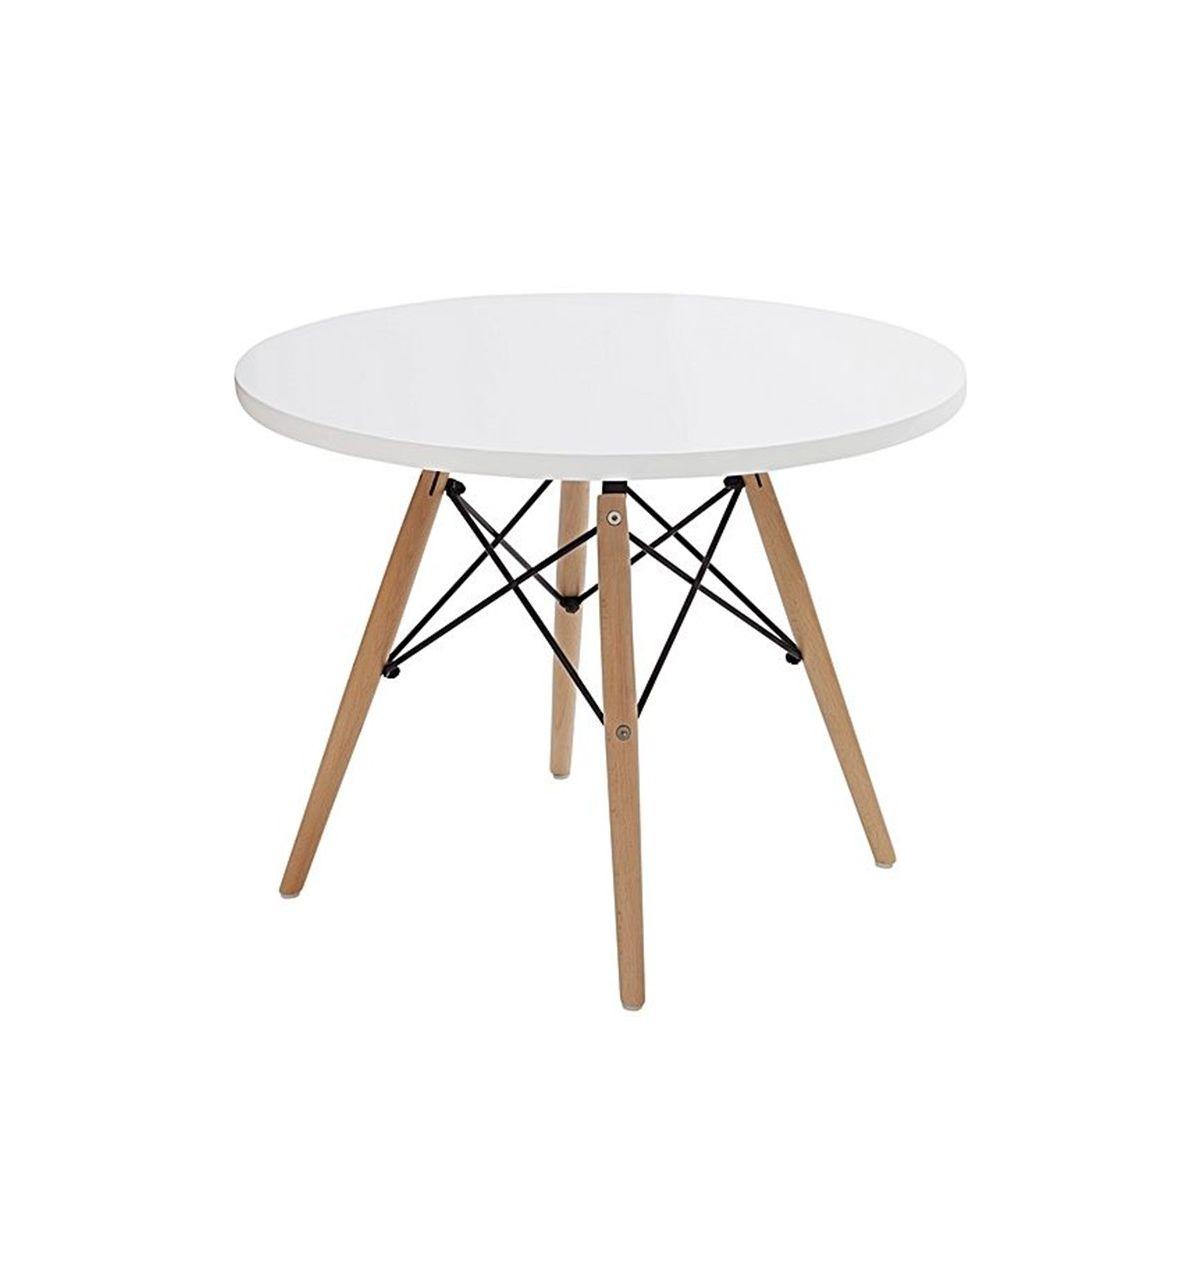 C r eames tavolino design per bambini for Tavolino per bambino